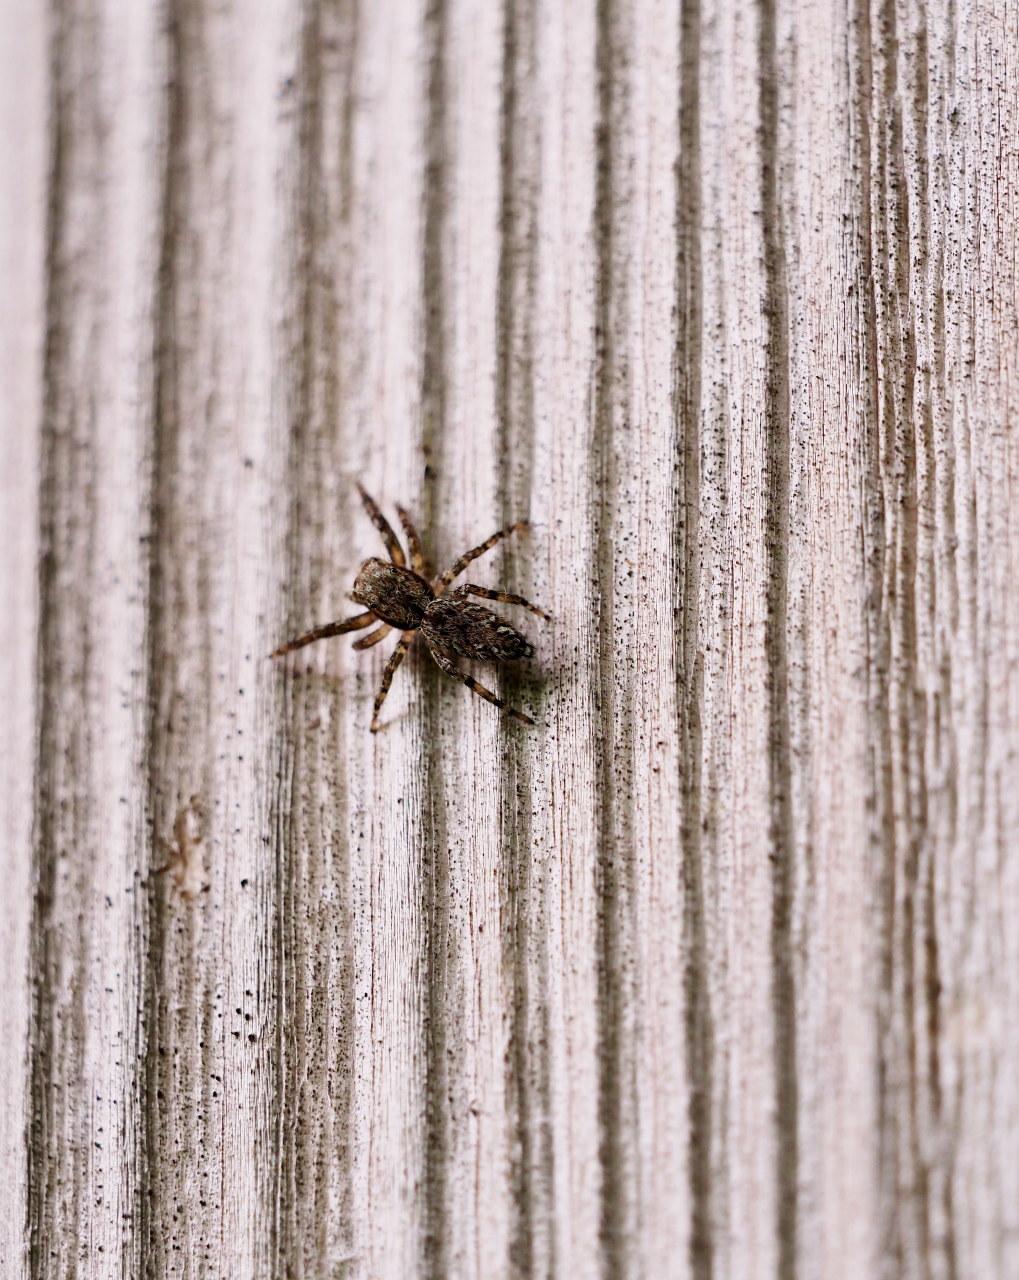 榛名湖畔で避暑がてら おもに虫撮り_c0305565_17363526.jpg